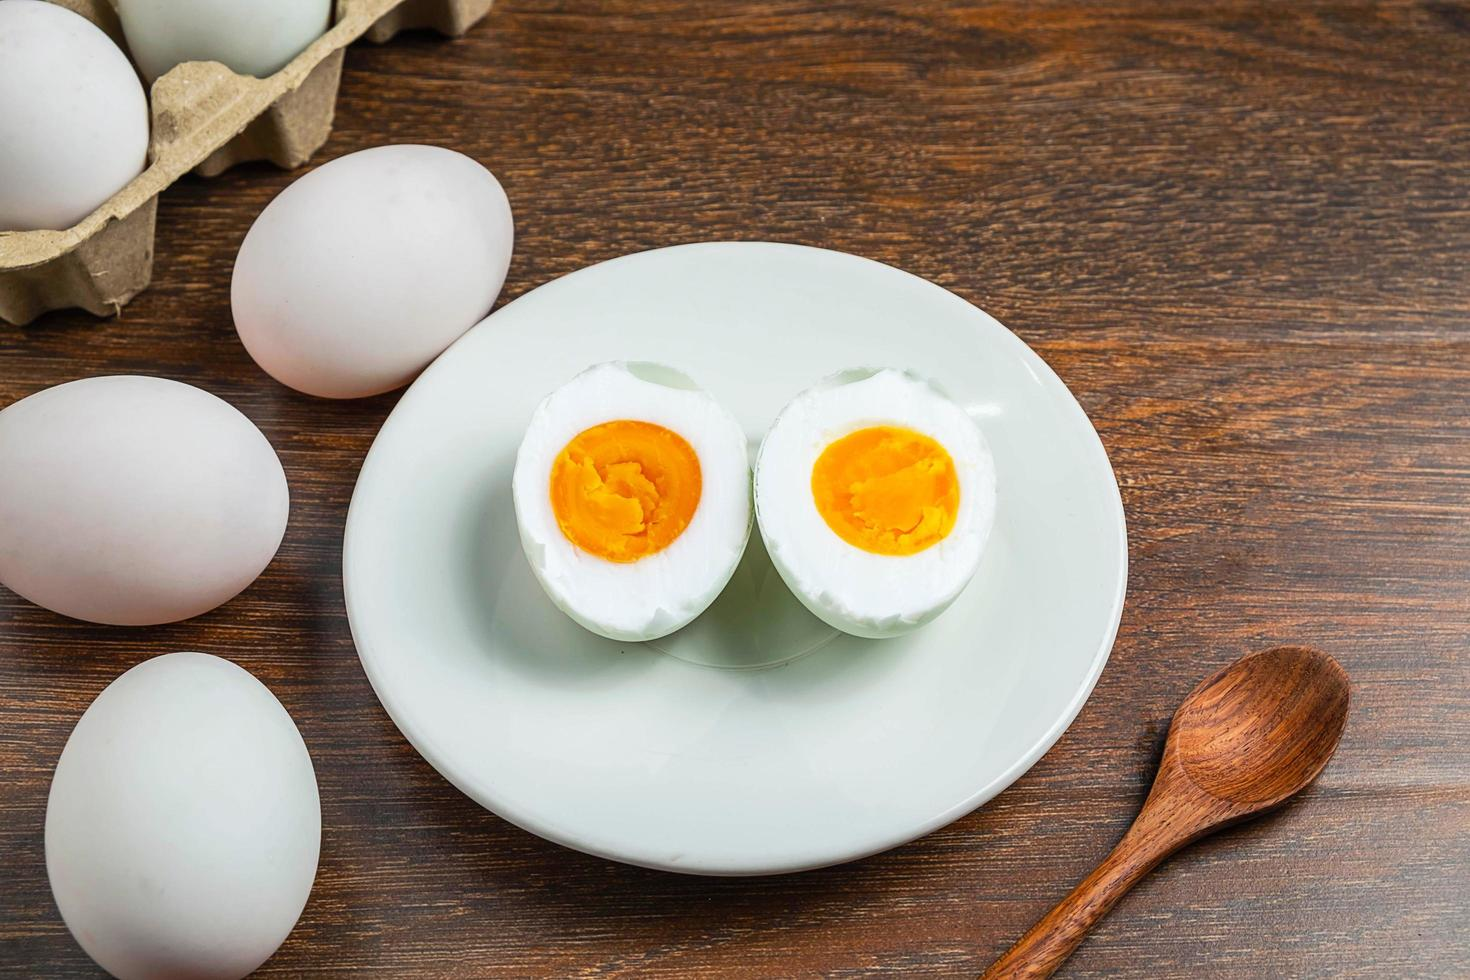 Oeuf de canard dur en tranches sur une plaque blanche à côté d'œufs entiers dans un carton sur une table en bois photo